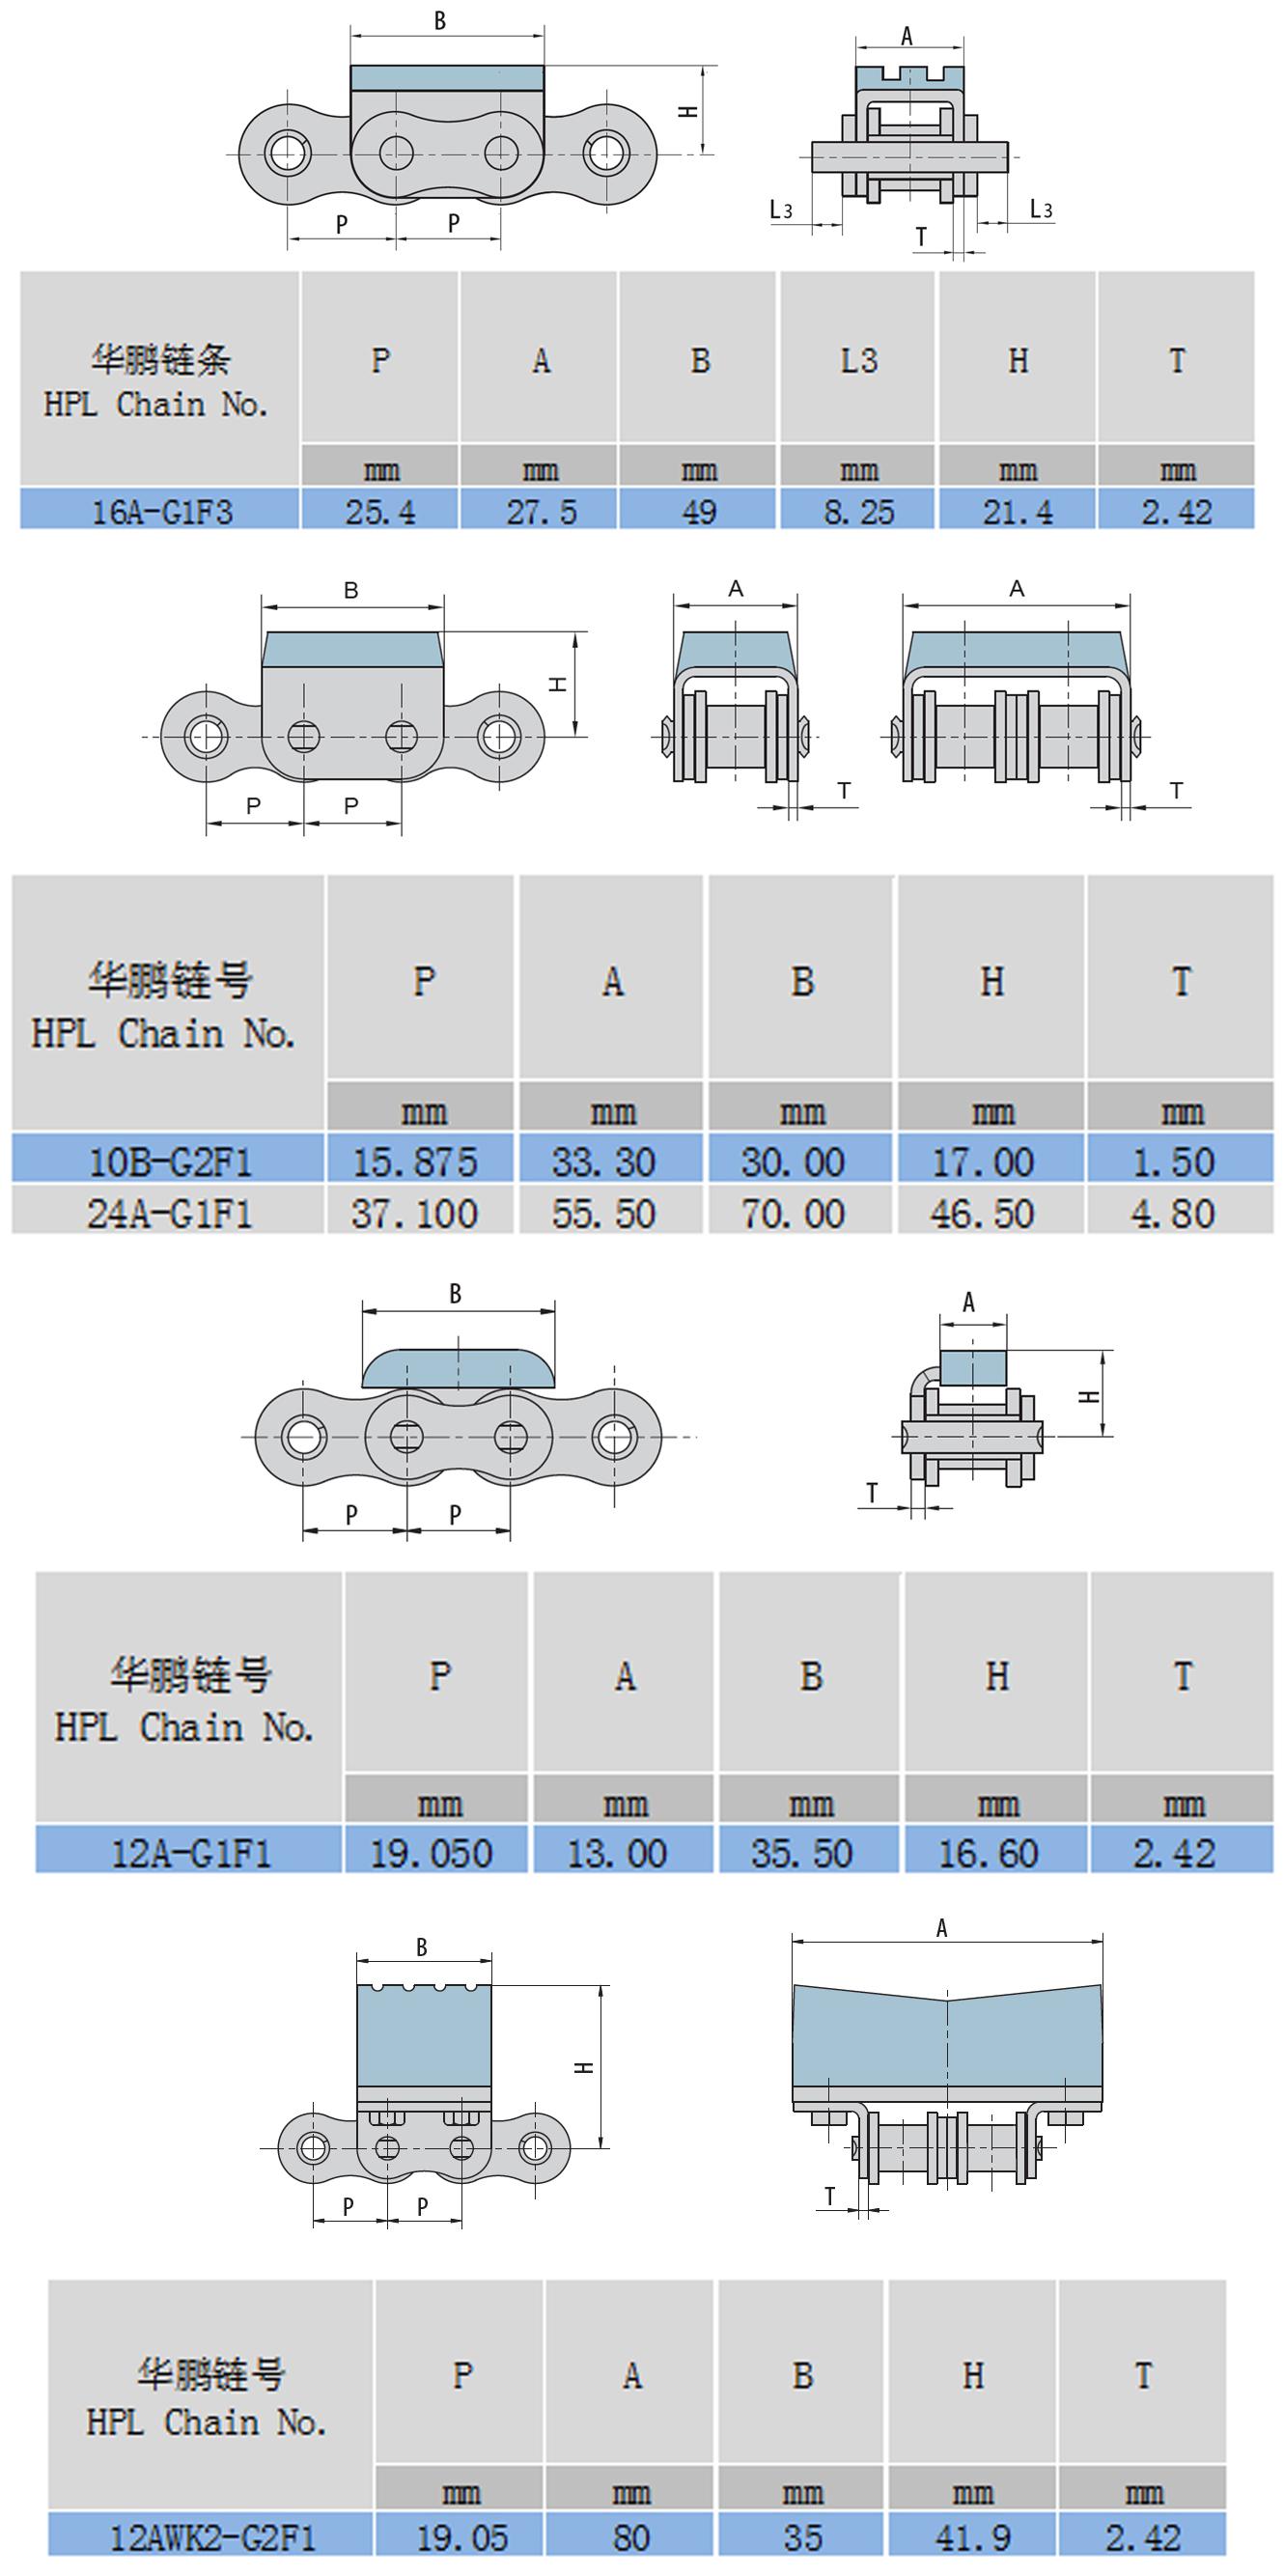 橡胶链结构参数